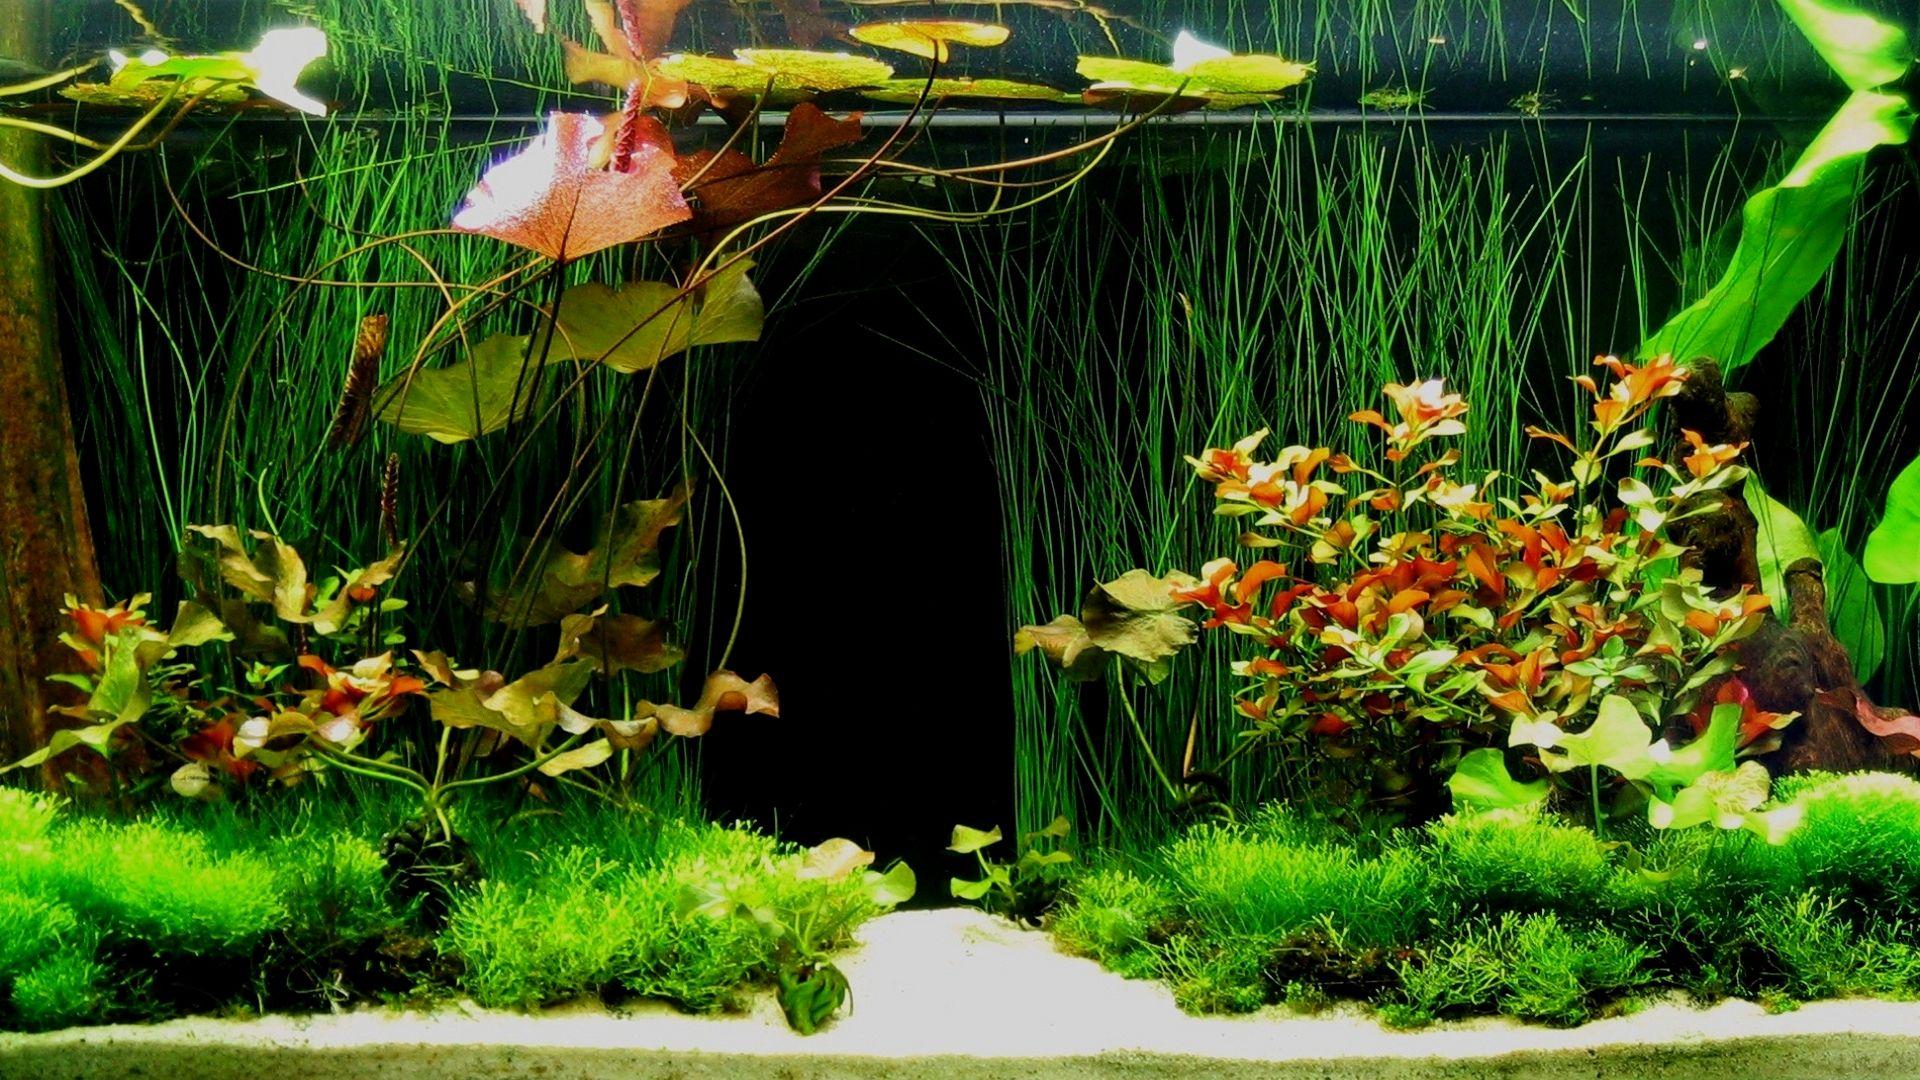 Картинки для рабочего стола аквариум с рыбками 5